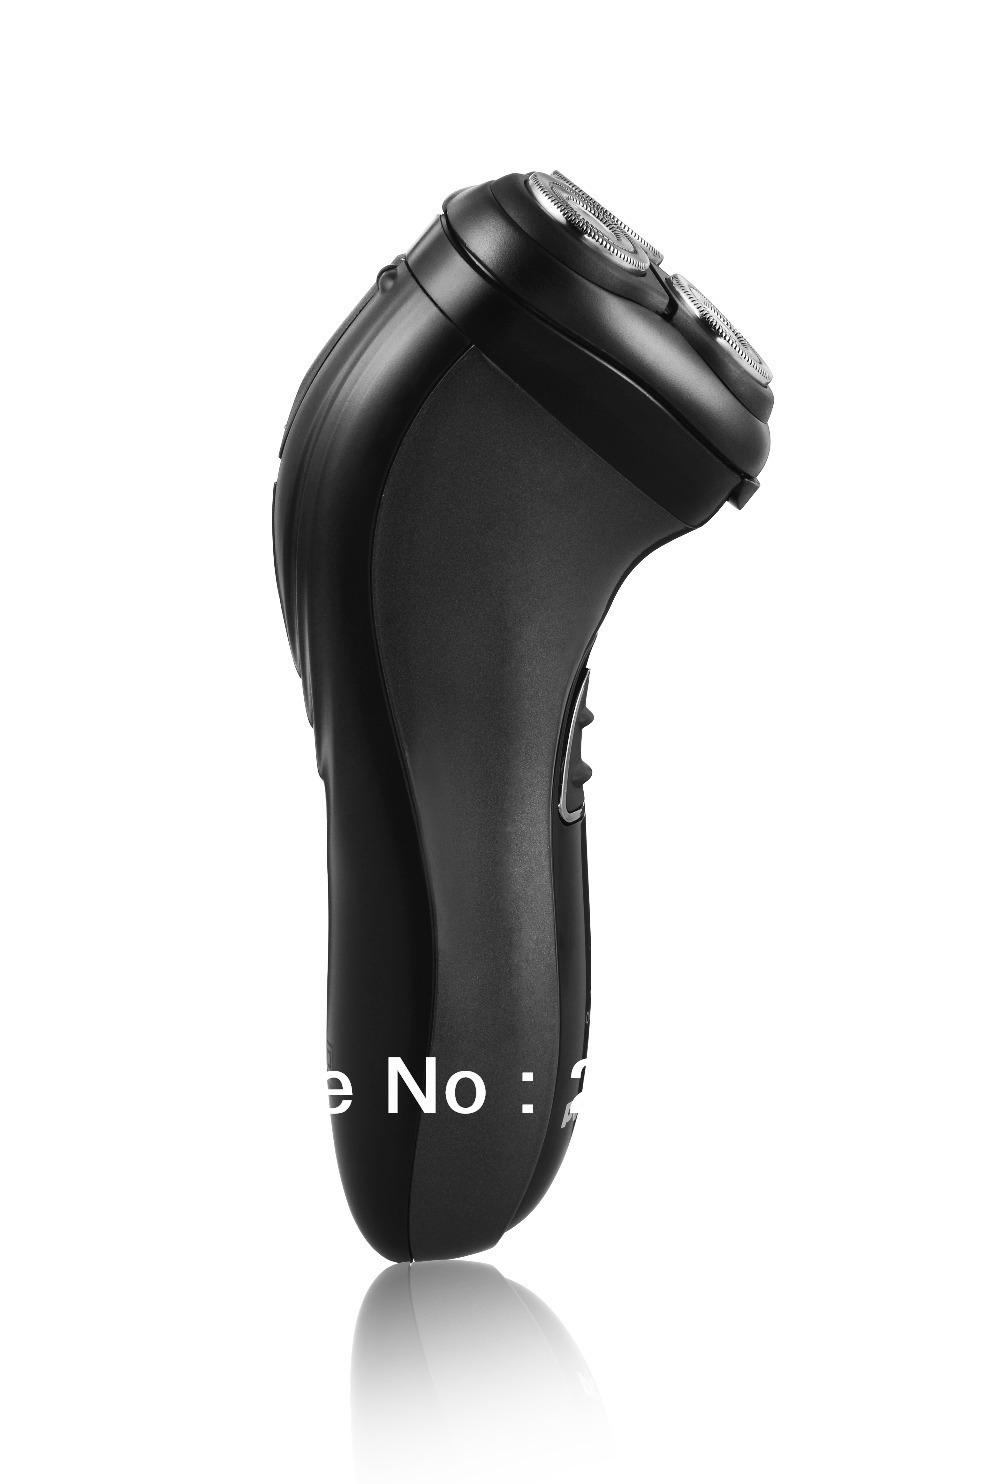 Новый povos Электробритва для мужчин лицо уход Аккумуляторная роторные бритвы тройной лезвие бритвы триммер pq7200 220В